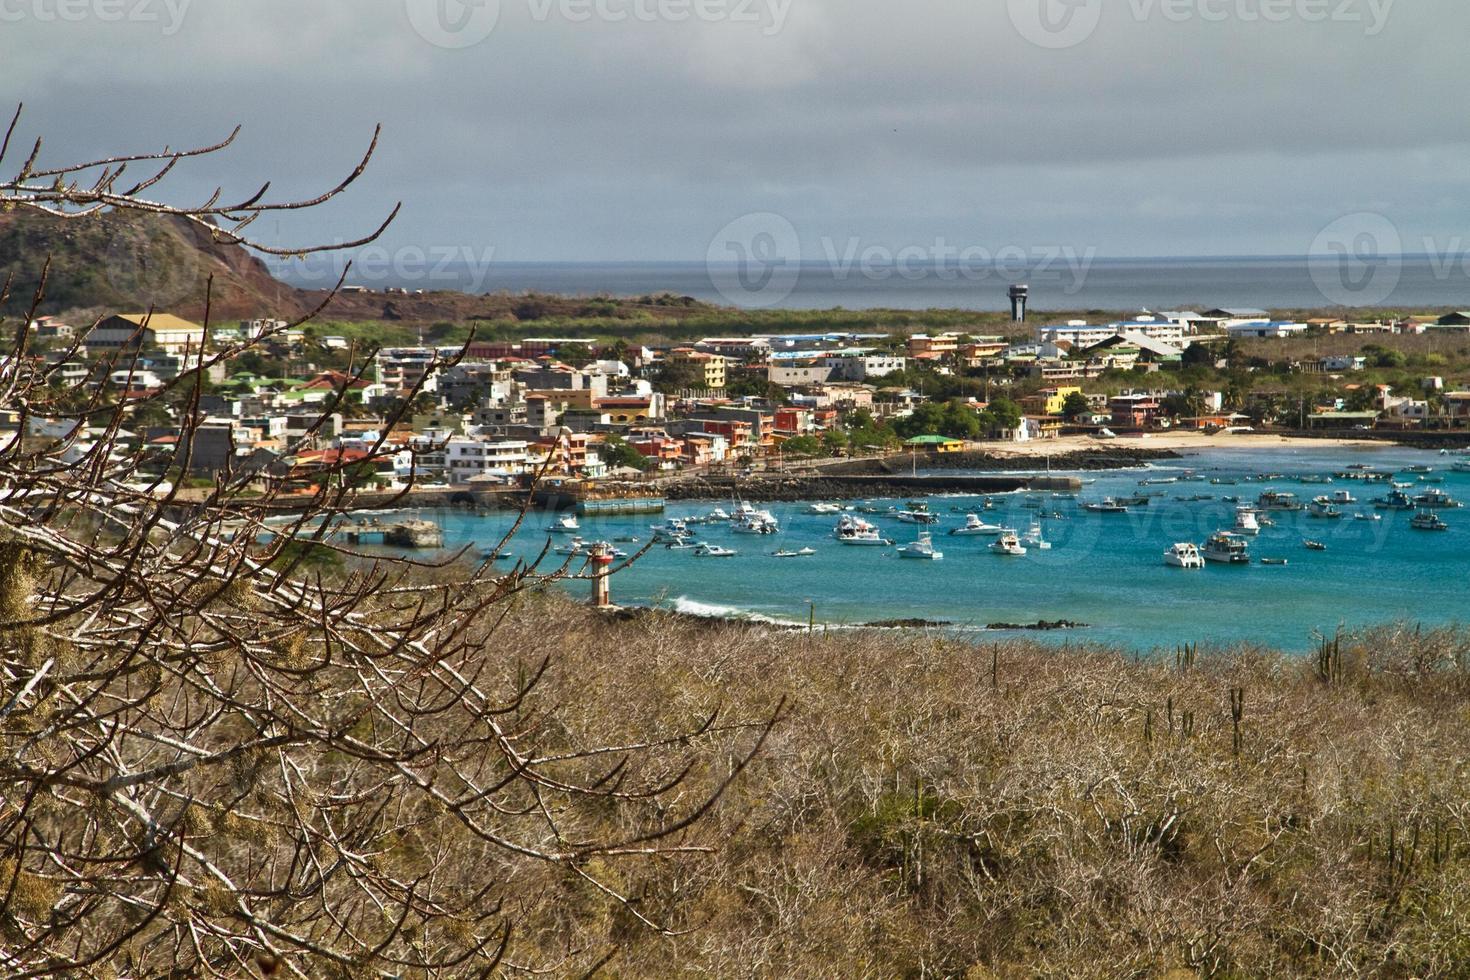 bellissimo paesaggio costiero del porto nell'isola di san cristobal, galapagos foto